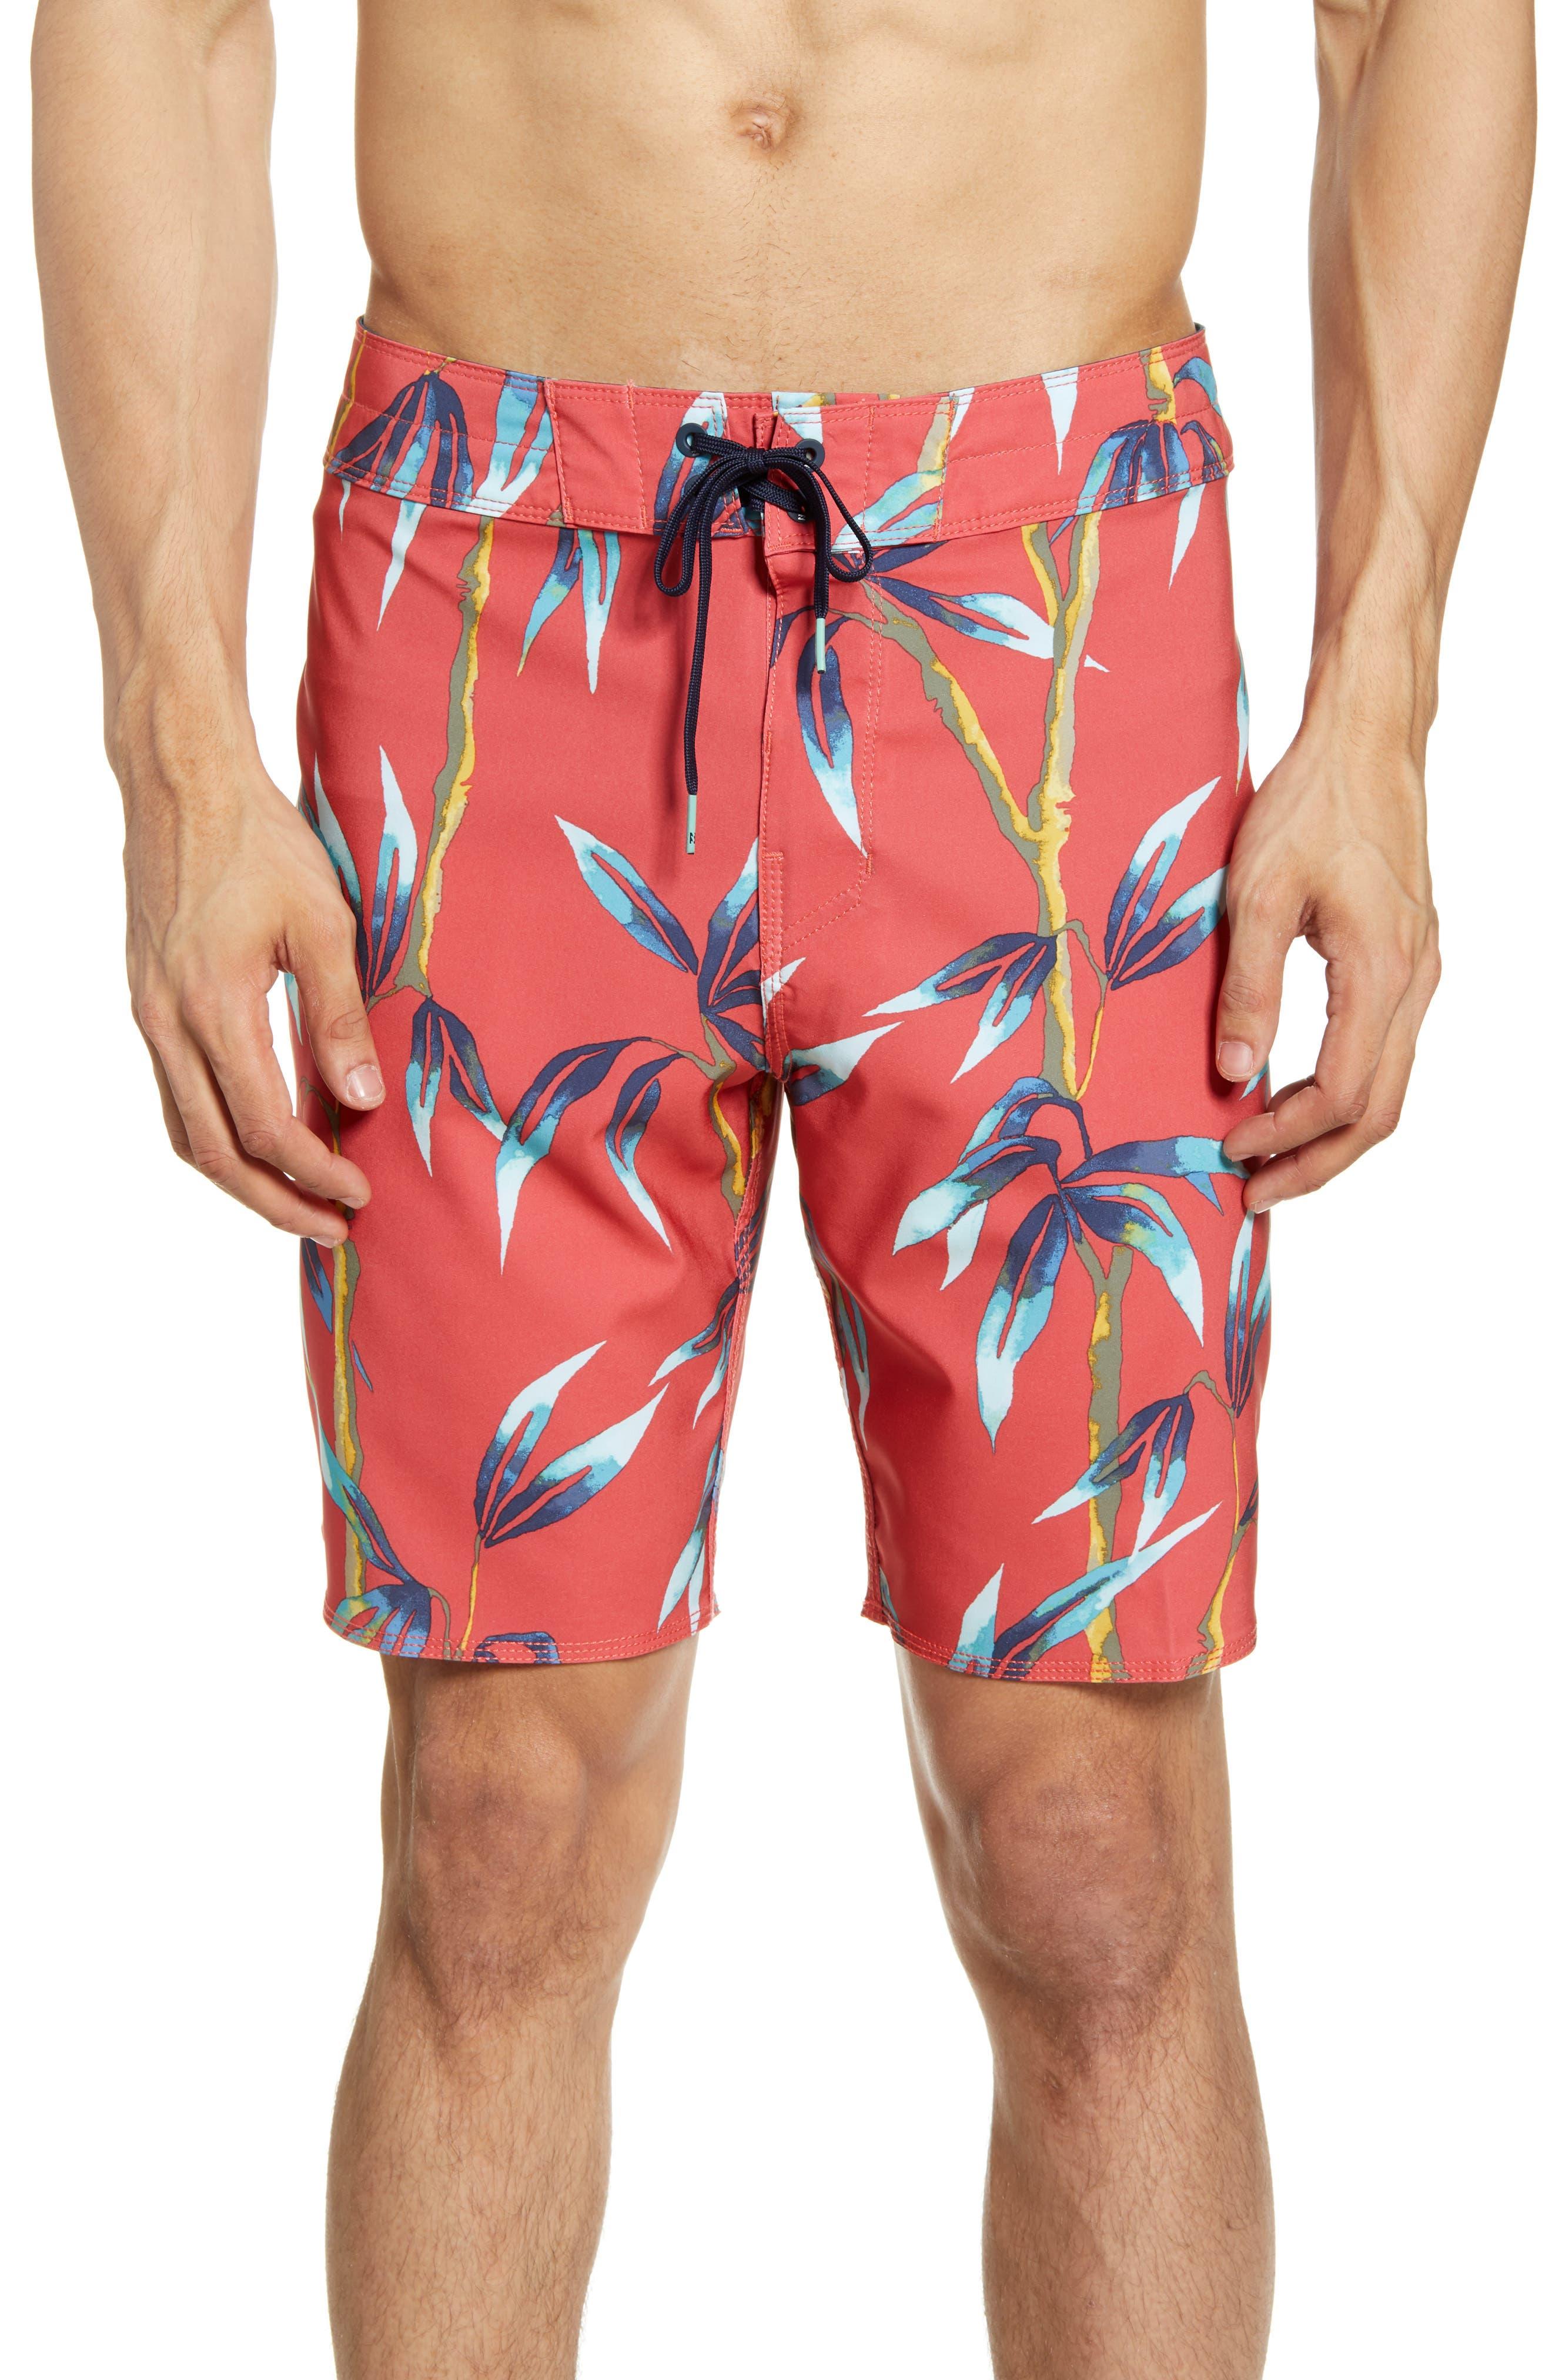 Billabong Sundays Pro Board Shorts, Red